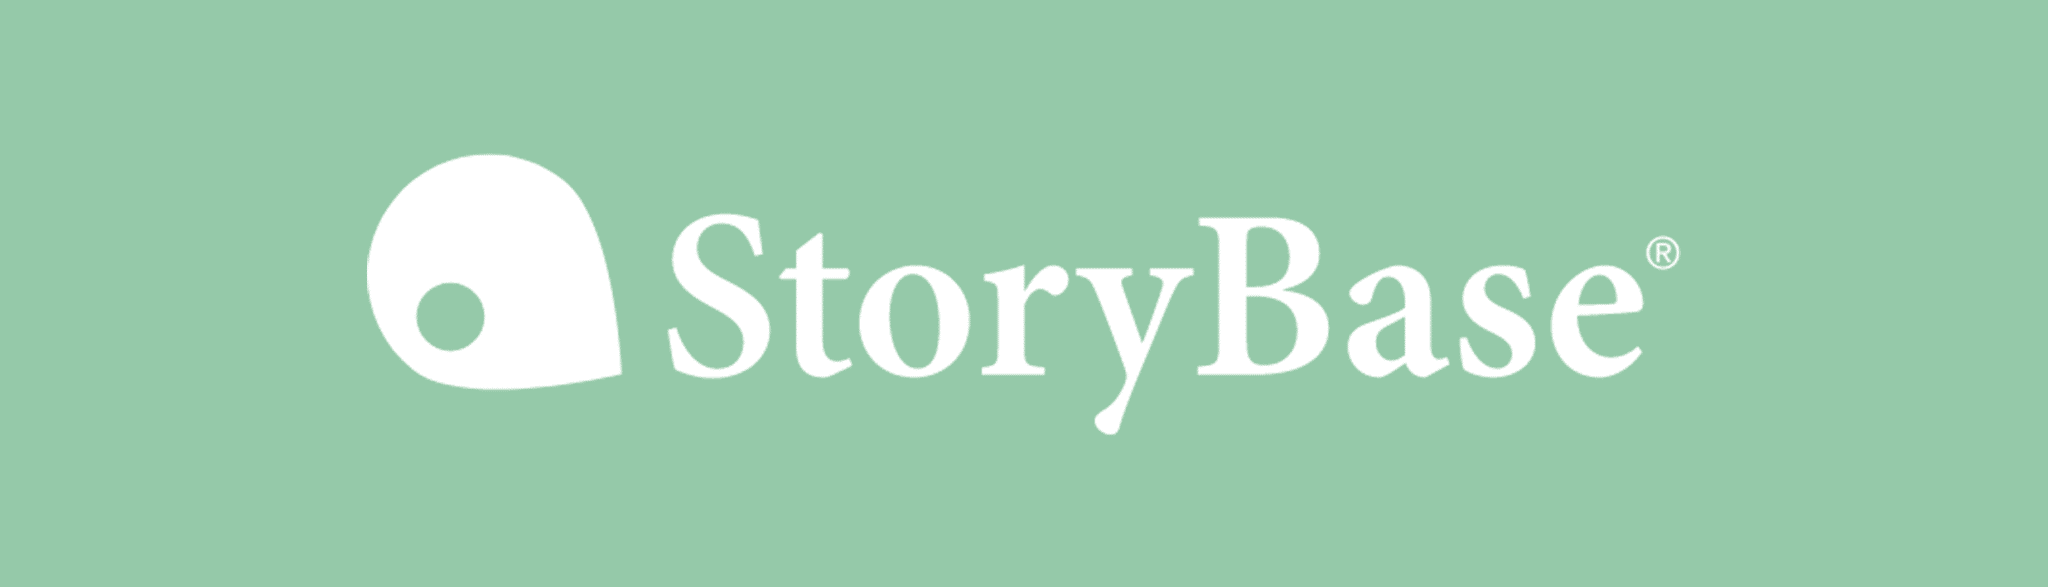 Inbound marketing - Storybase